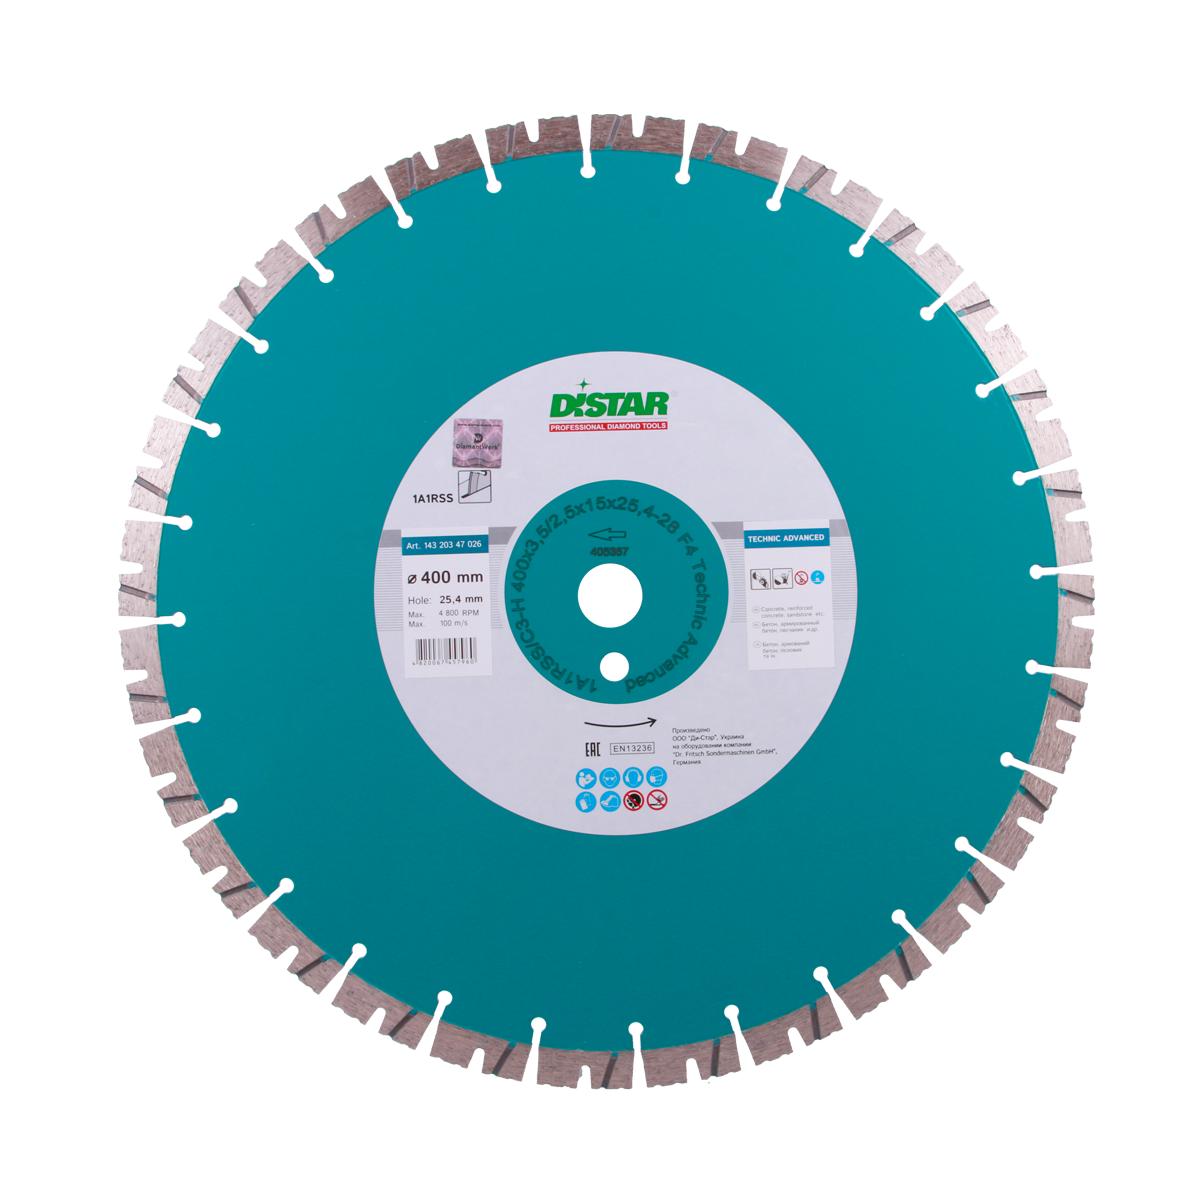 Круг алмазный отрезной DISTAR 1A1RSS/C3-H 400x3,5/2,5x15x25,4-(11,5)-28  Technic Advanced для УШМ по бетону